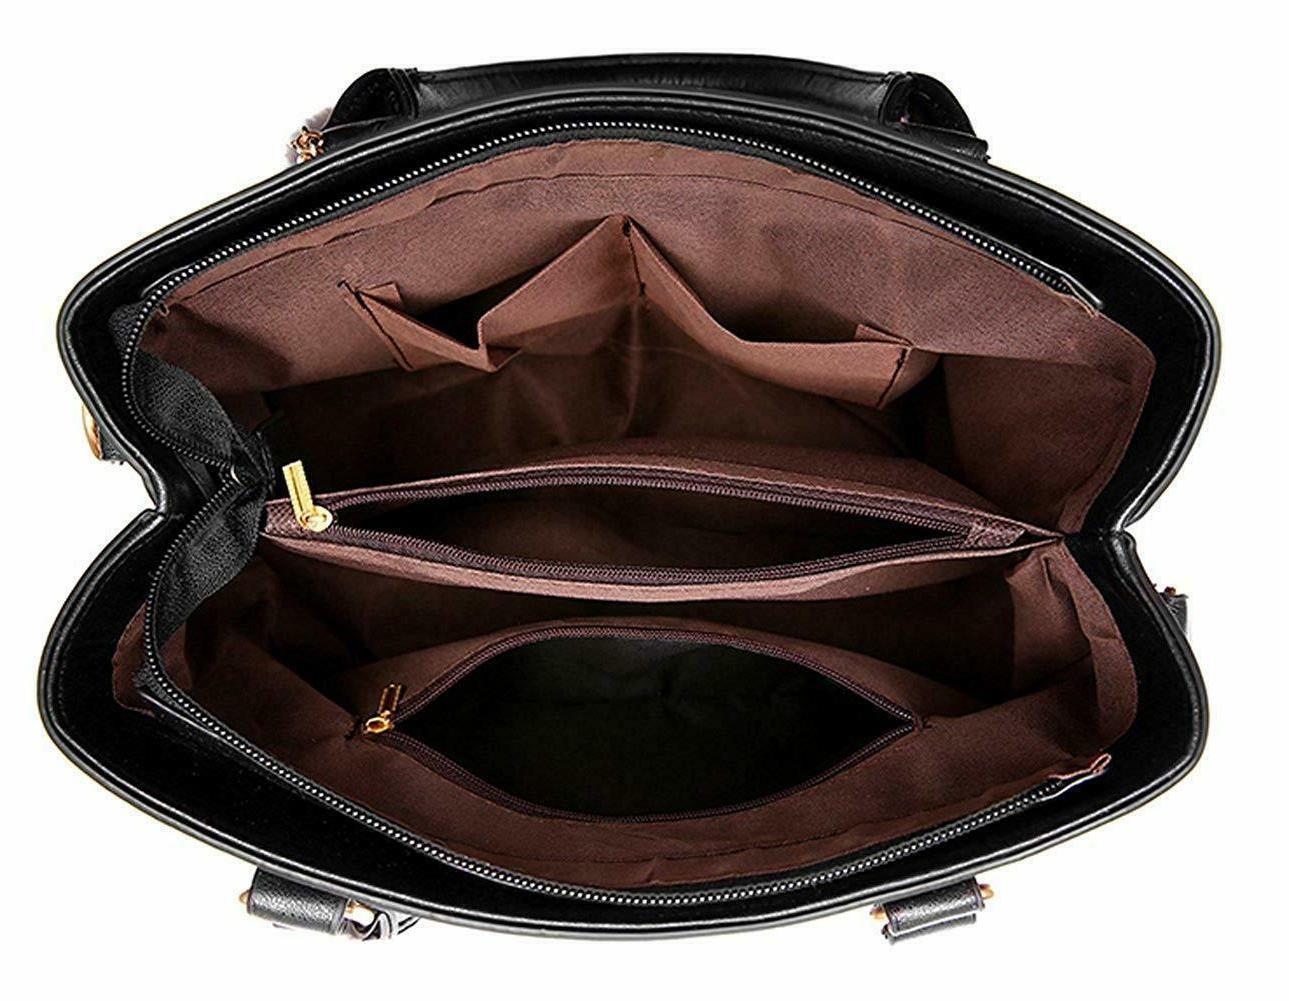 Dreubea Women's Handbag Tote Shoulder Bag Purse